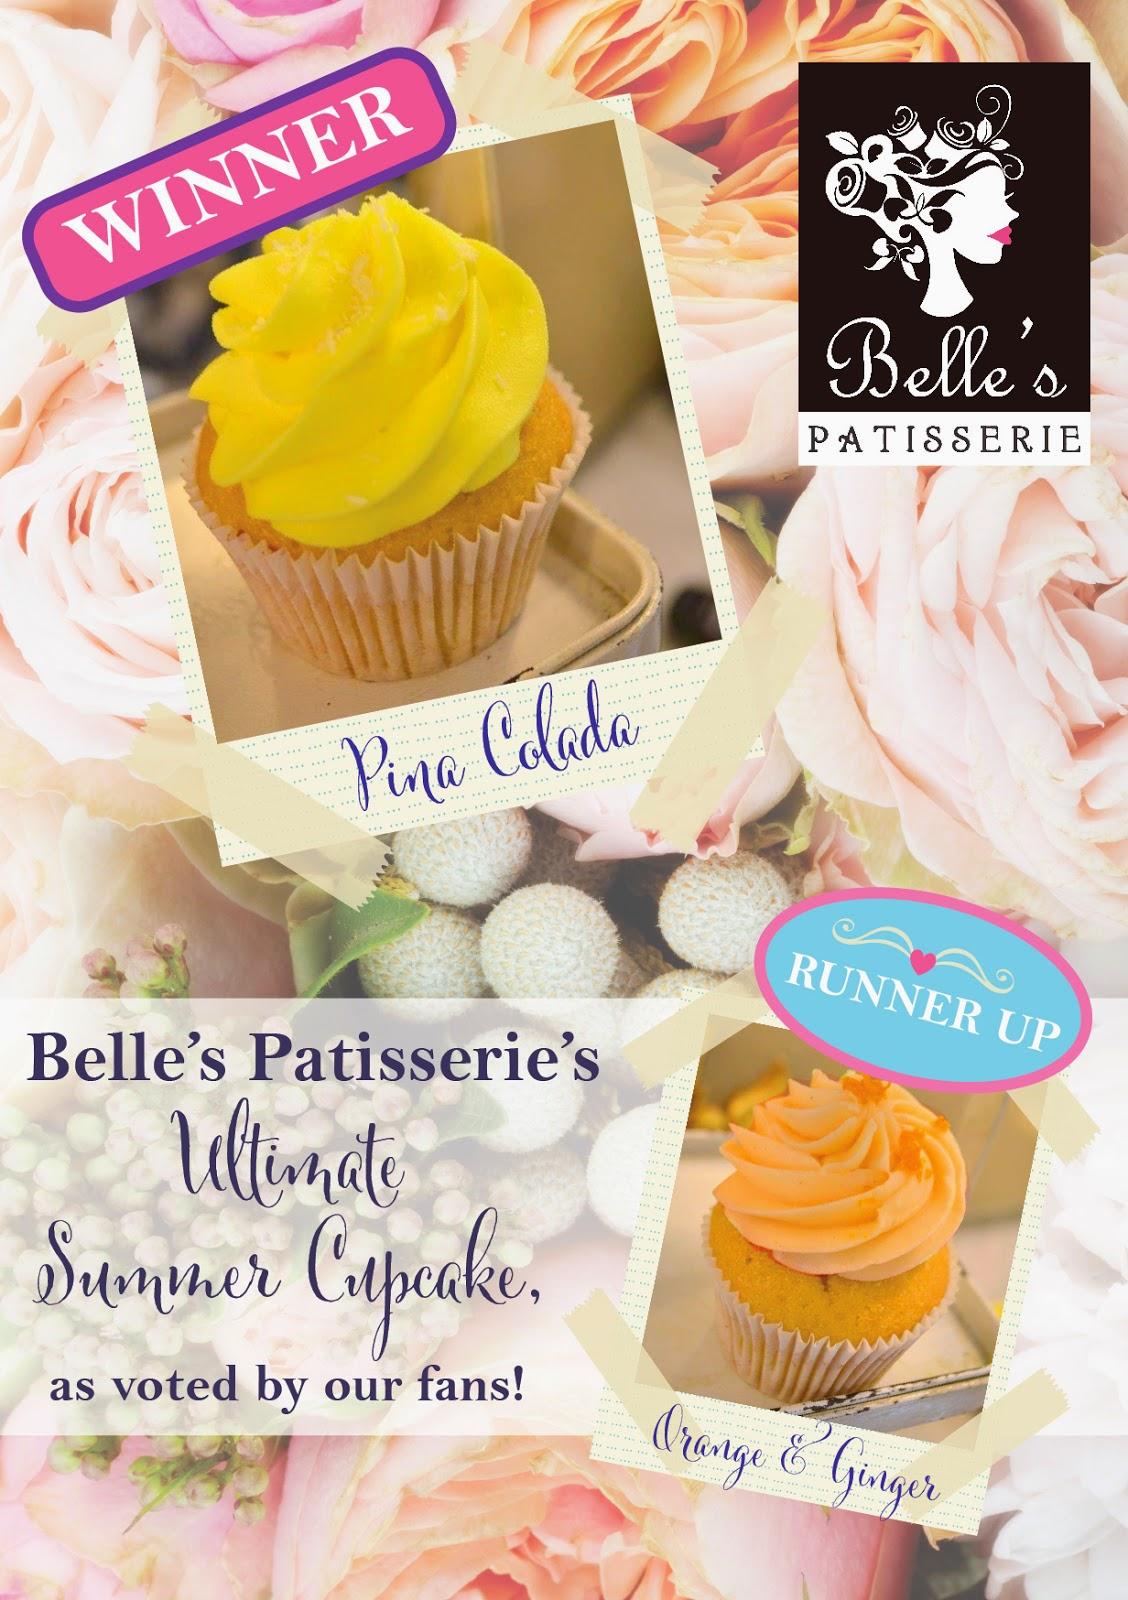 Belle's Patisserie